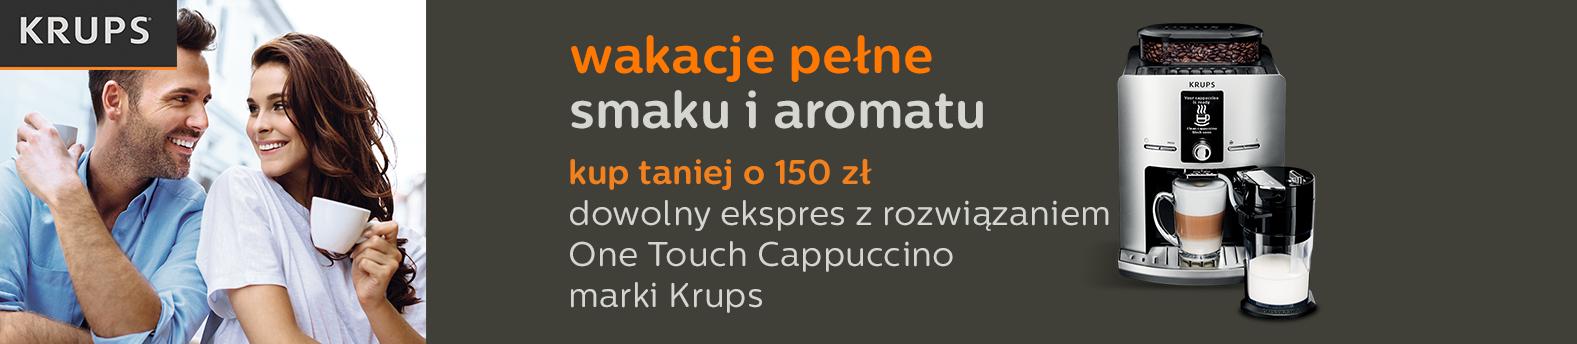 oszczędź 150 zł